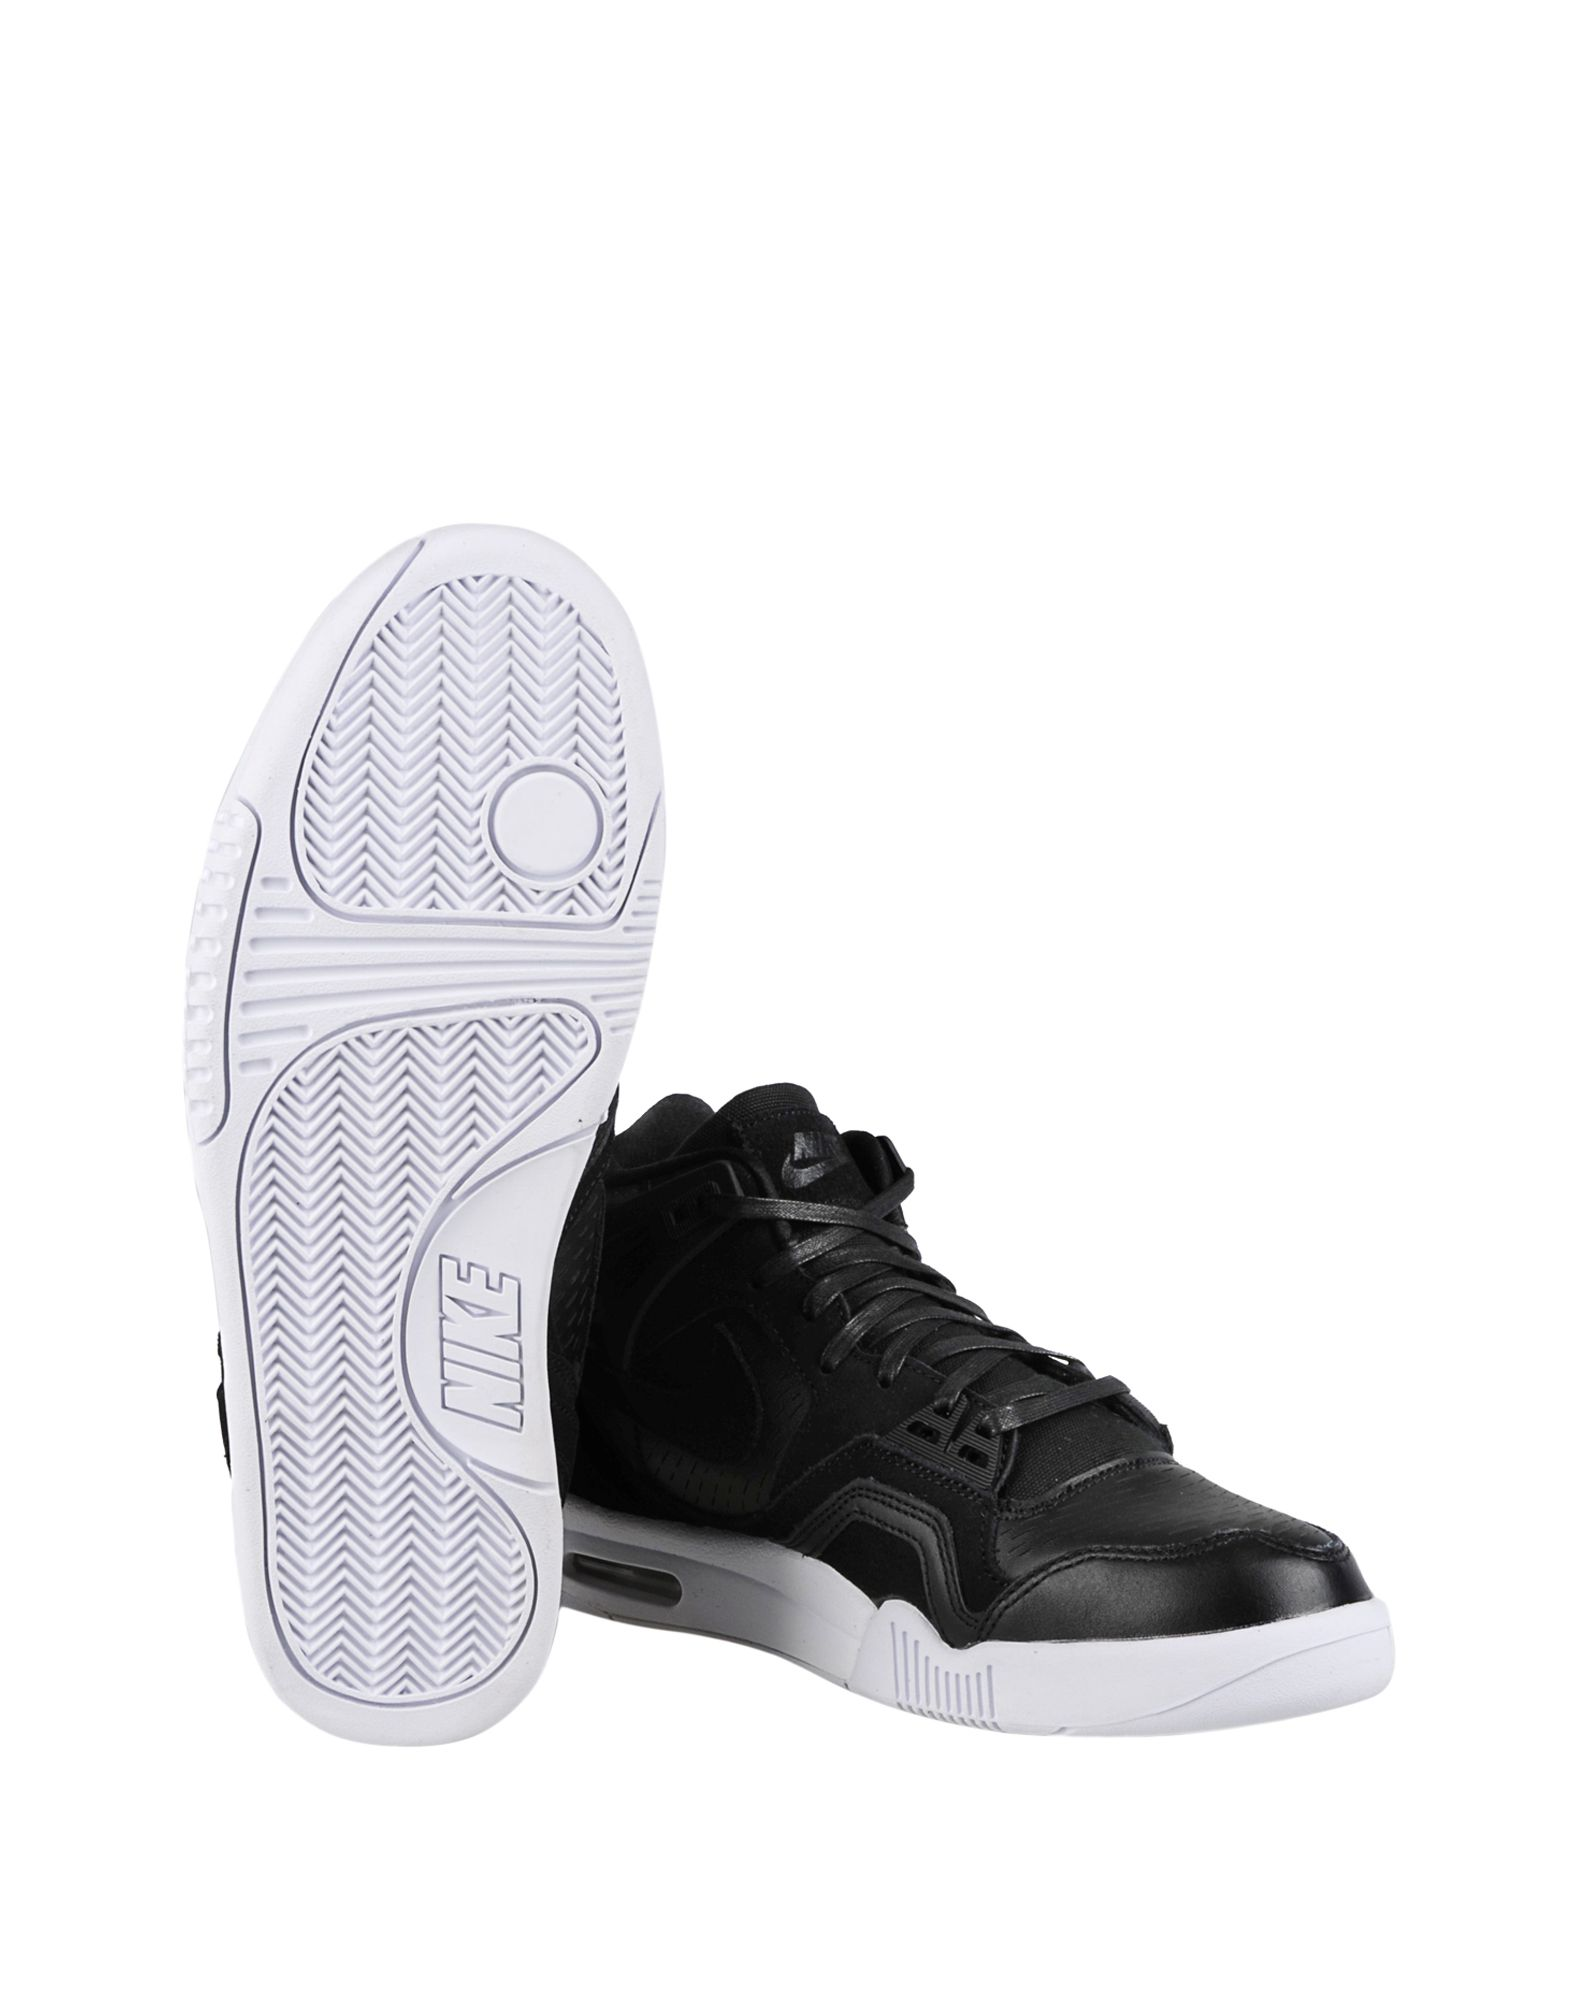 Rabatt echte Schuhe Nike Air  Tech Challenge Ii Laser  Air 11043970UV 4f9c7a